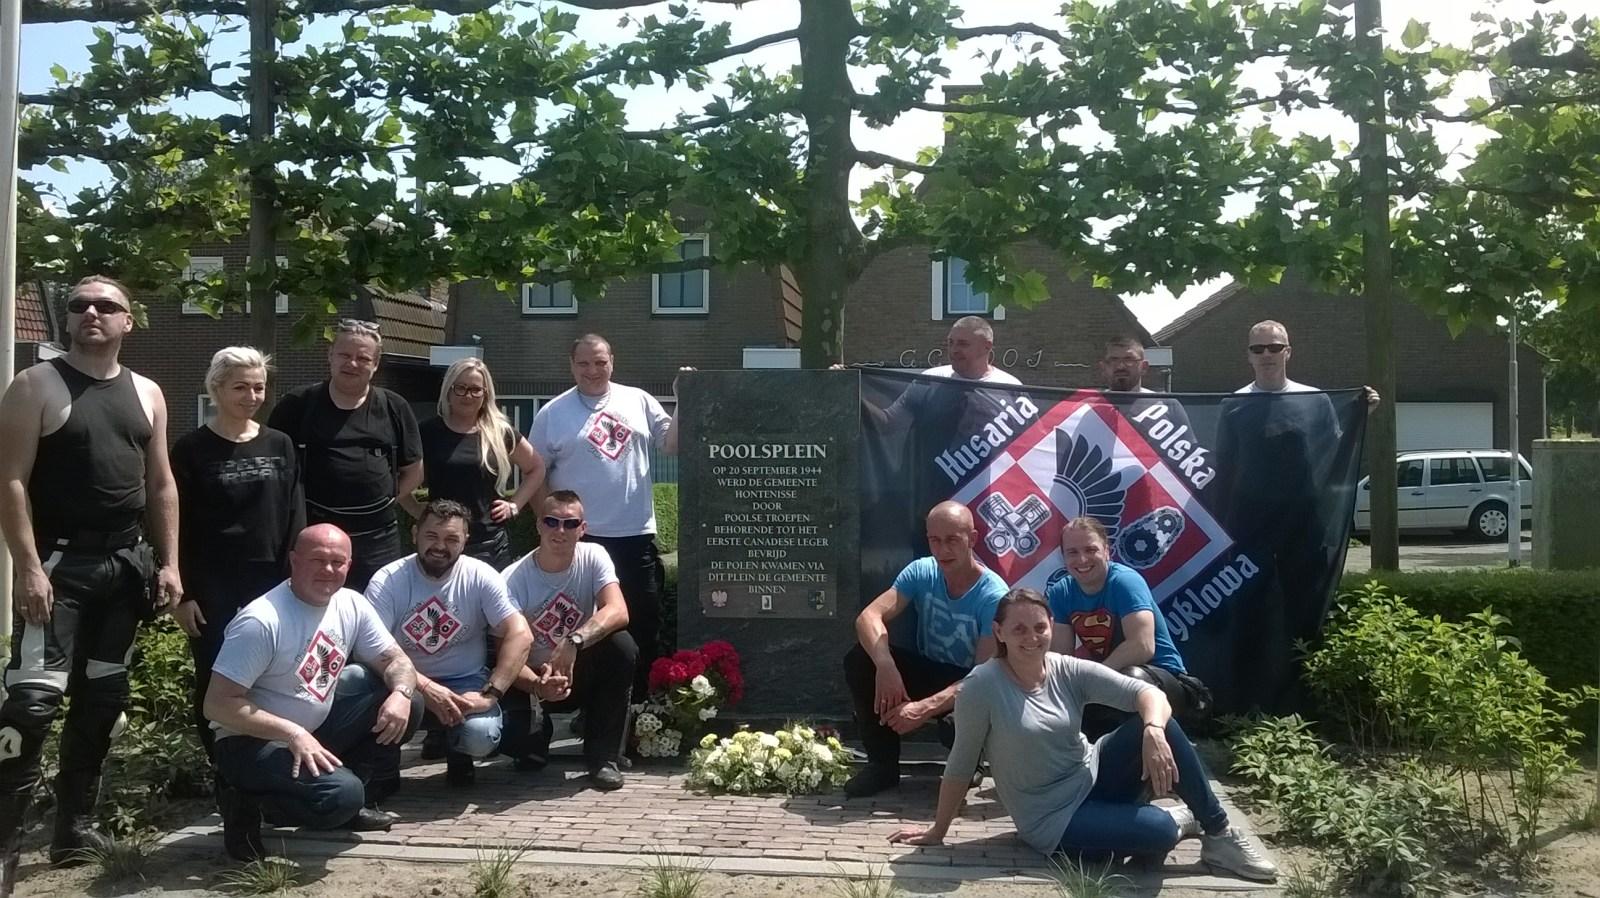 Foto van nazaten van de poolse bevrijders. Met dank aan de Gemeente Hulst.